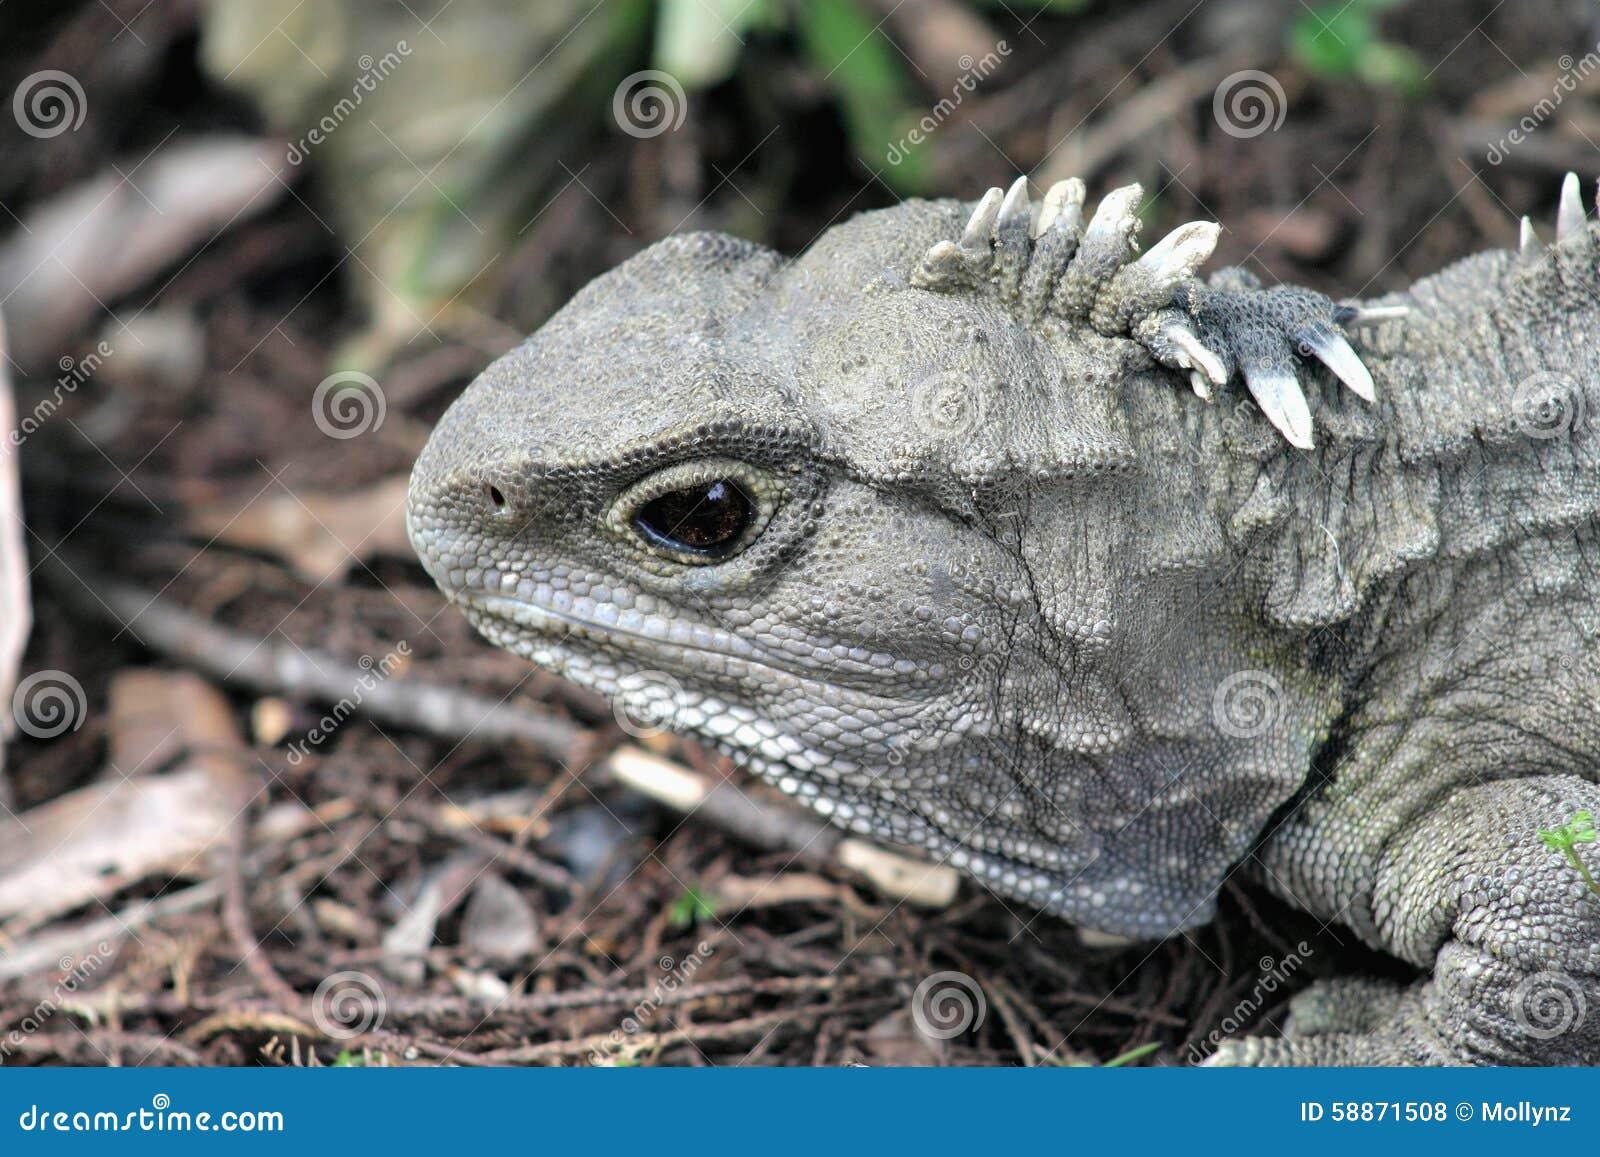 Tuatara Stock Photo Image Of Endemic Dinosaur